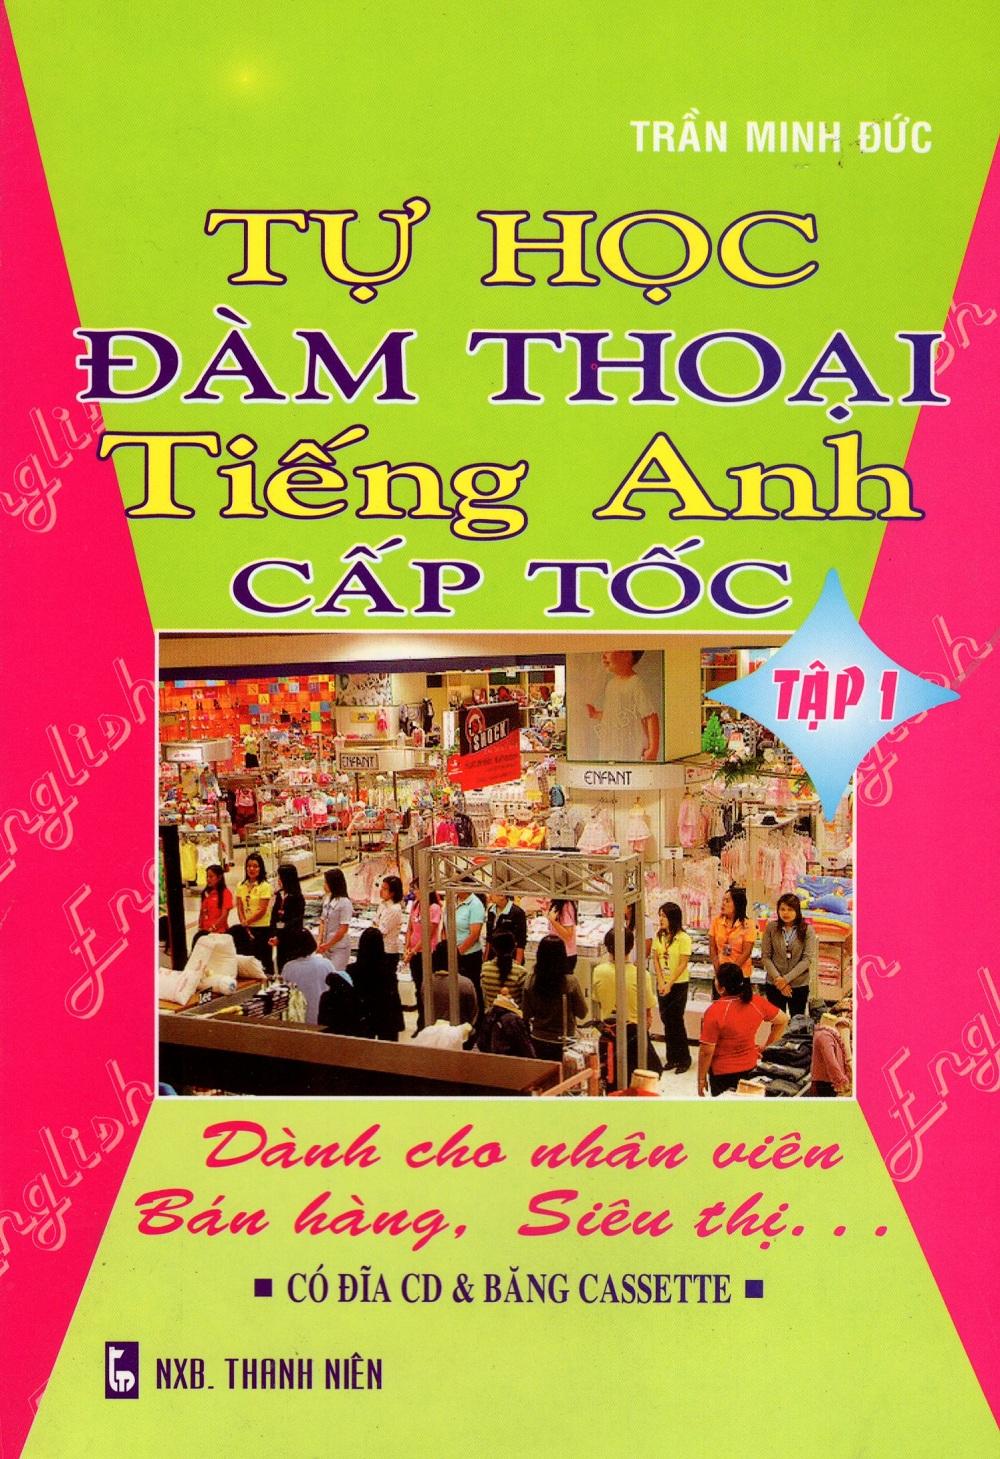 Bìa sách Tự Học Đàm Thoại Tiếng Anh Cấp Tốc - Dành Cho Nhân Viên Bán Hàng, Siêu Thị (Tập 1)